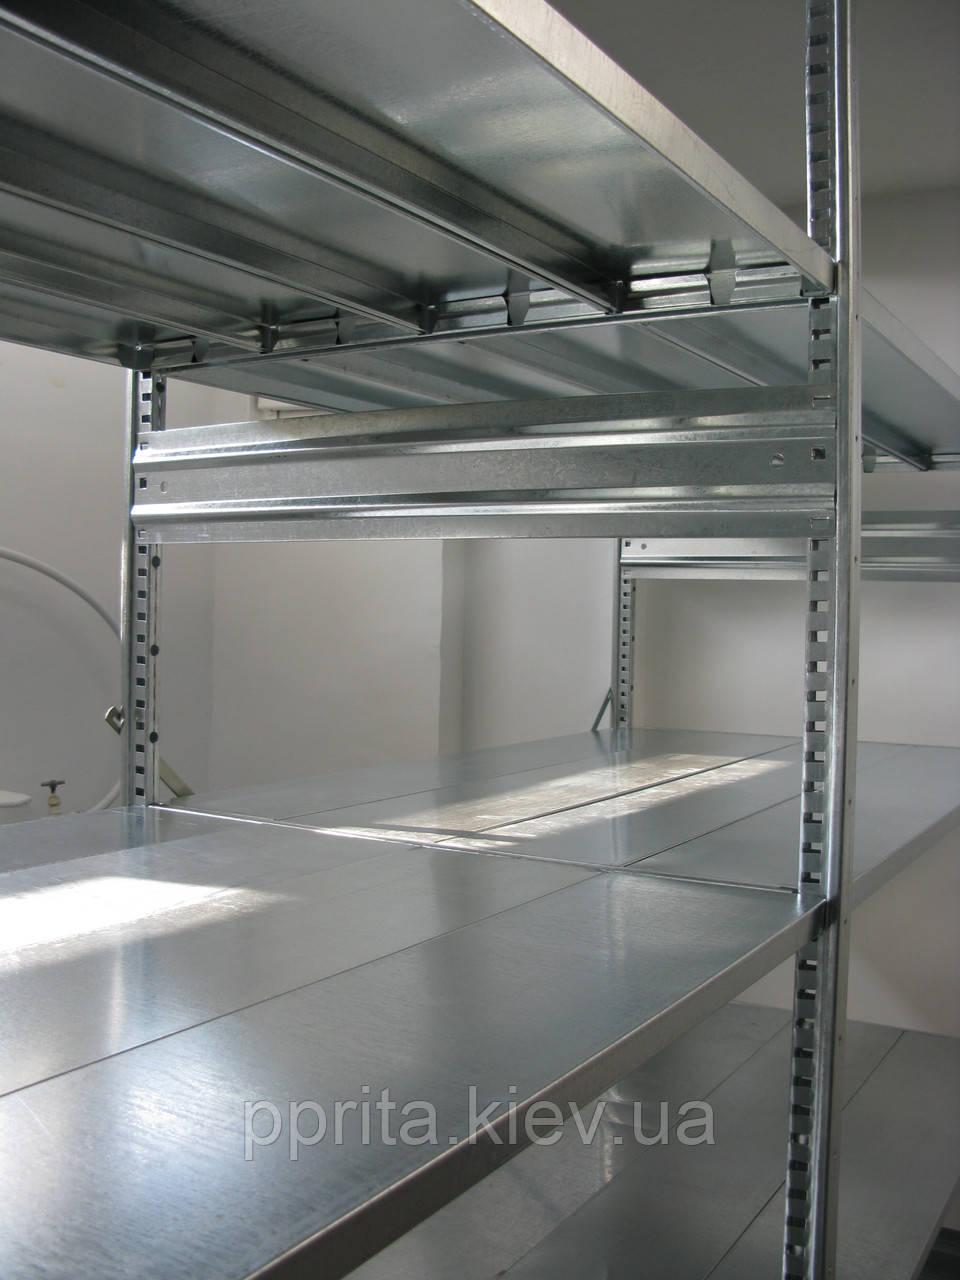 Полочный стеллаж СТМ 2000х1000х400х5п.